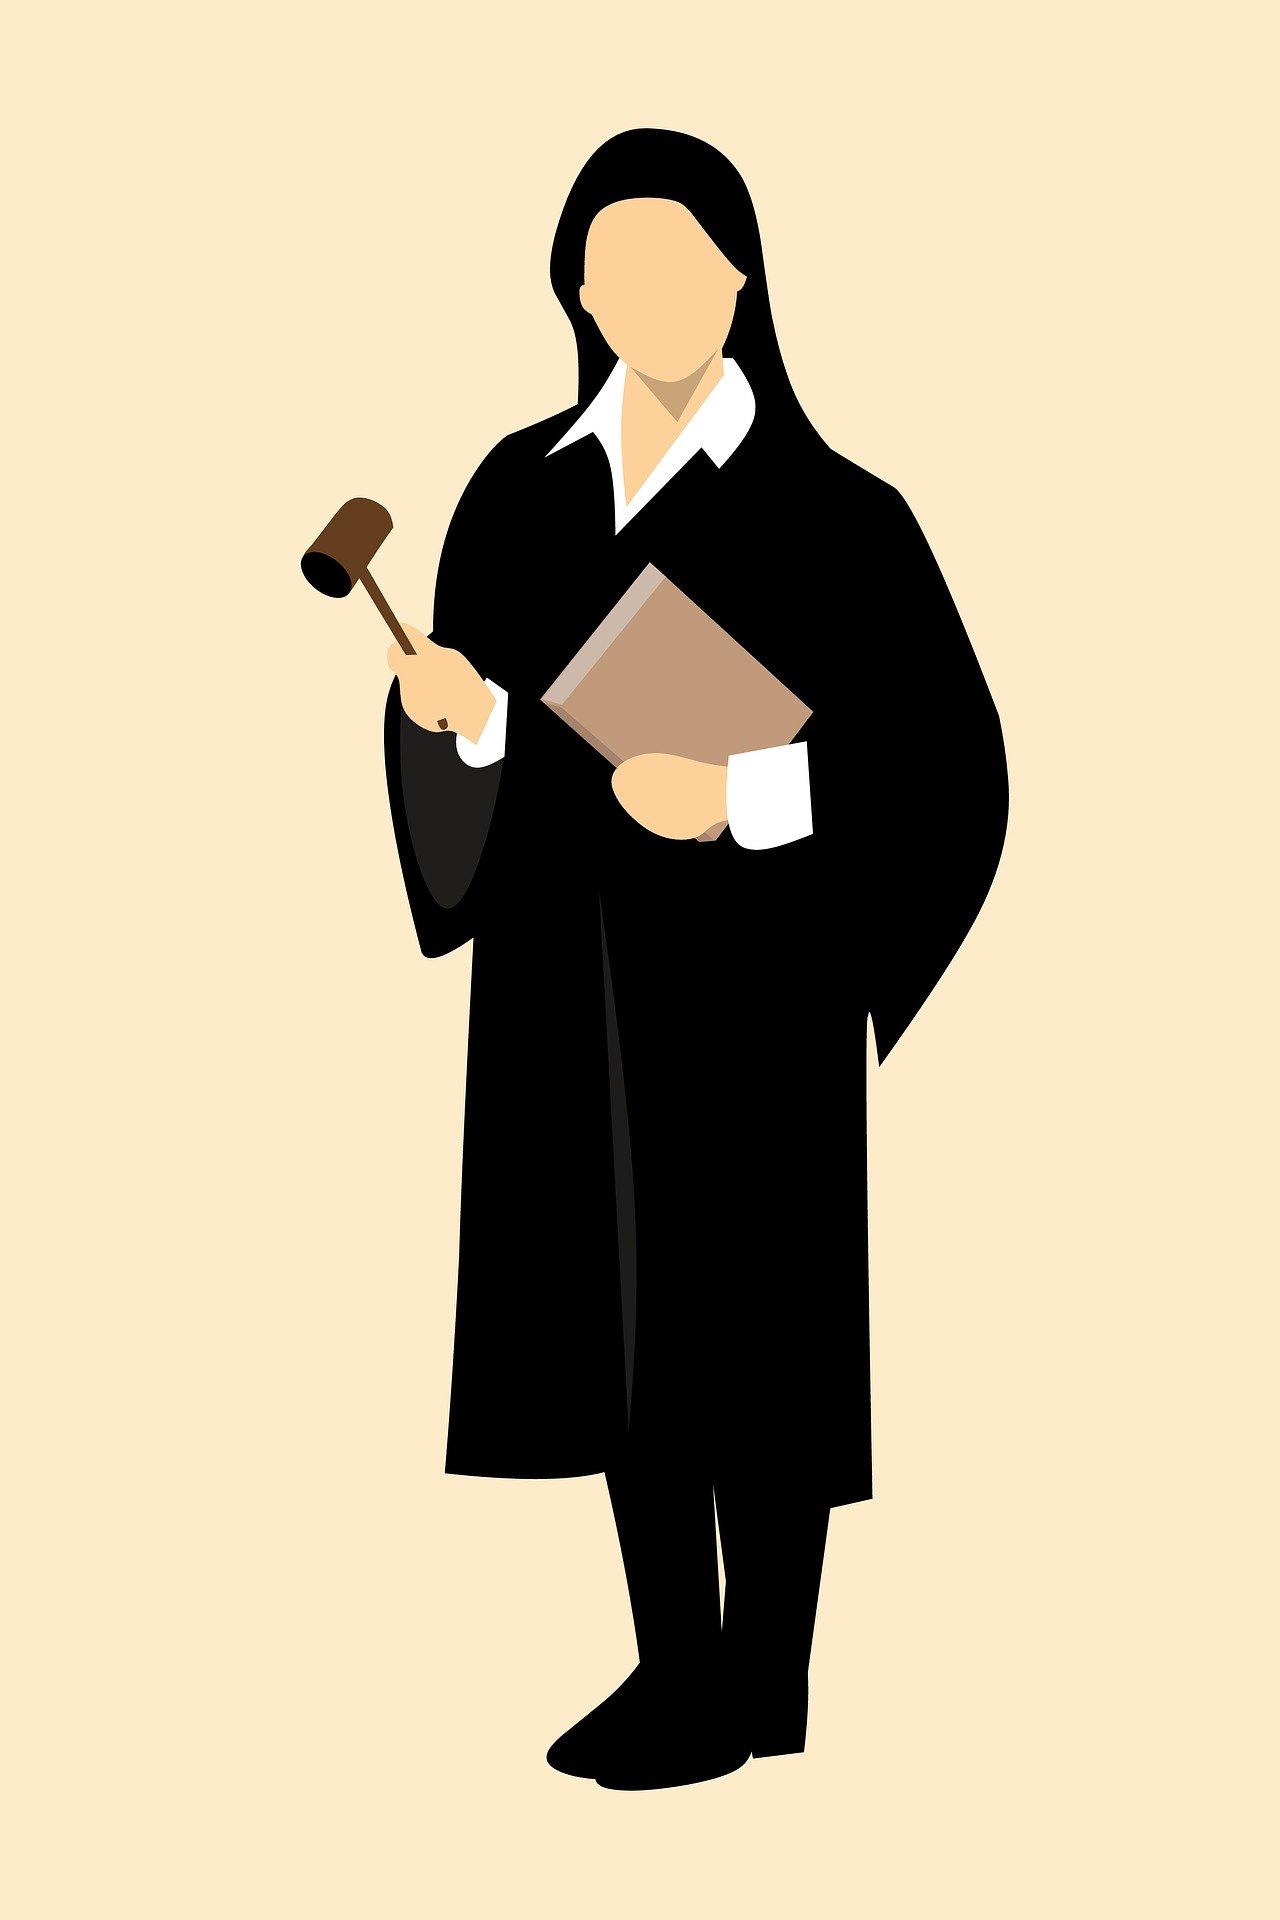 Difficultés d'application de la loi actuelle